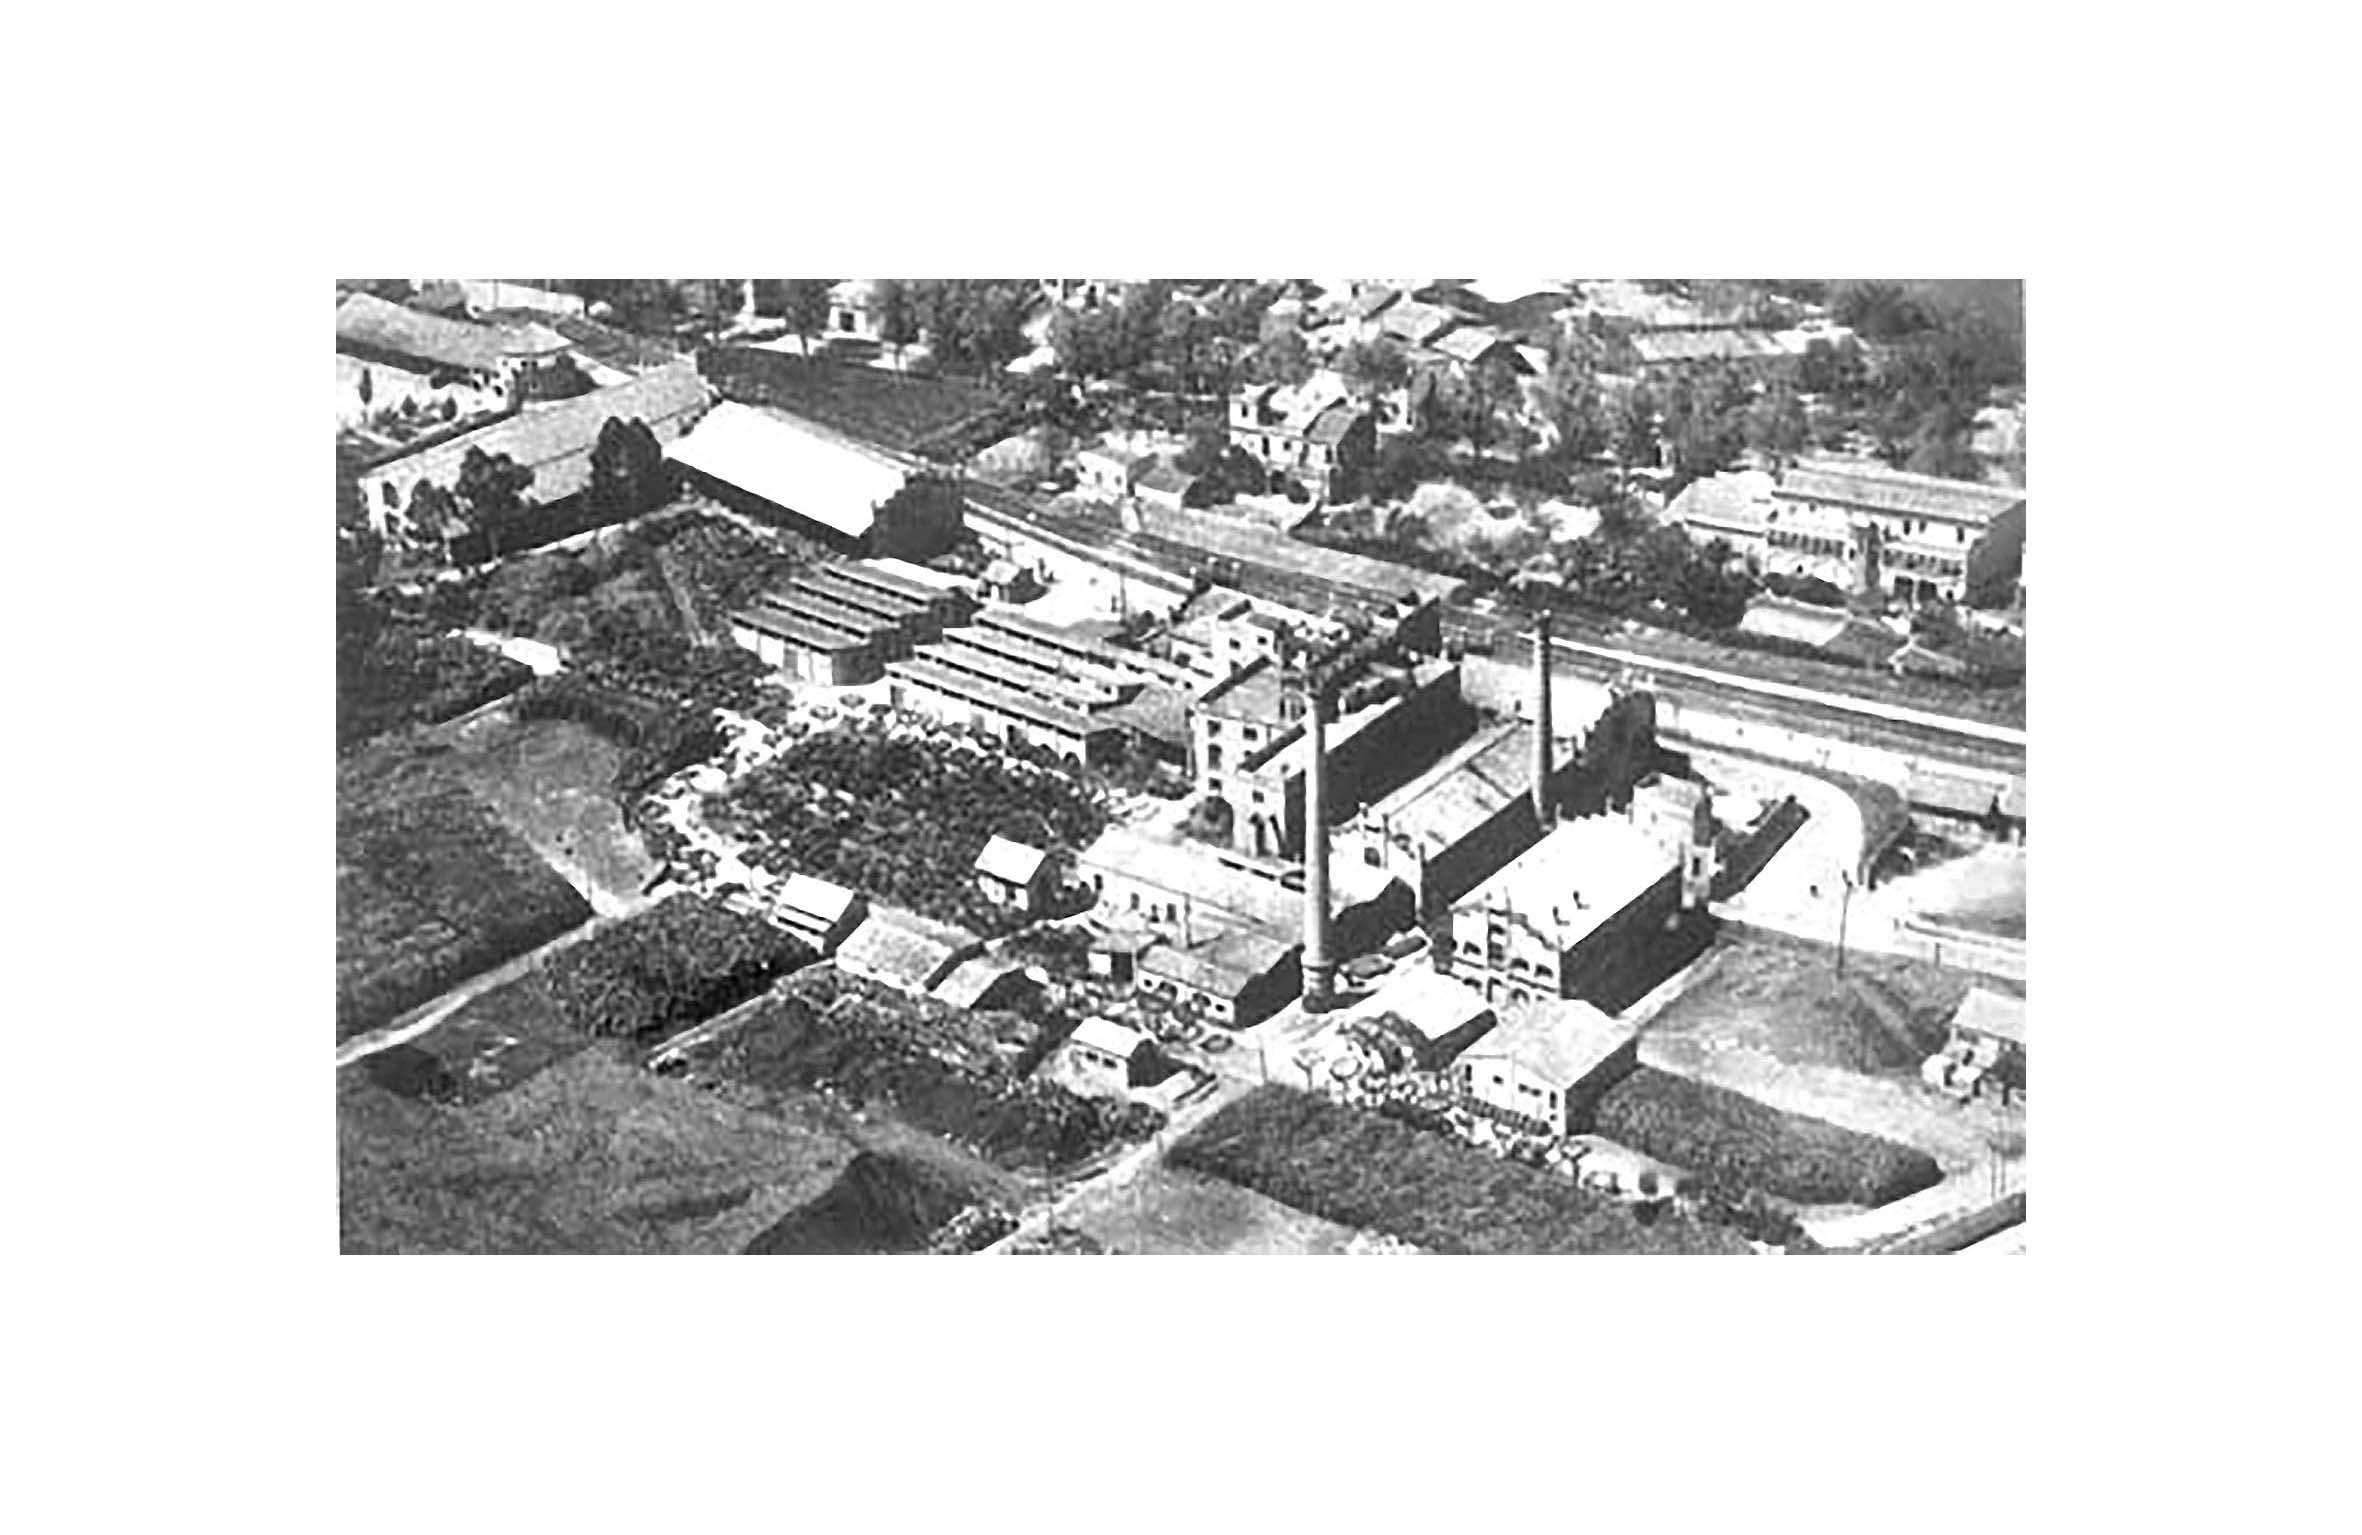 Estado actual del los edificios de Cerlà